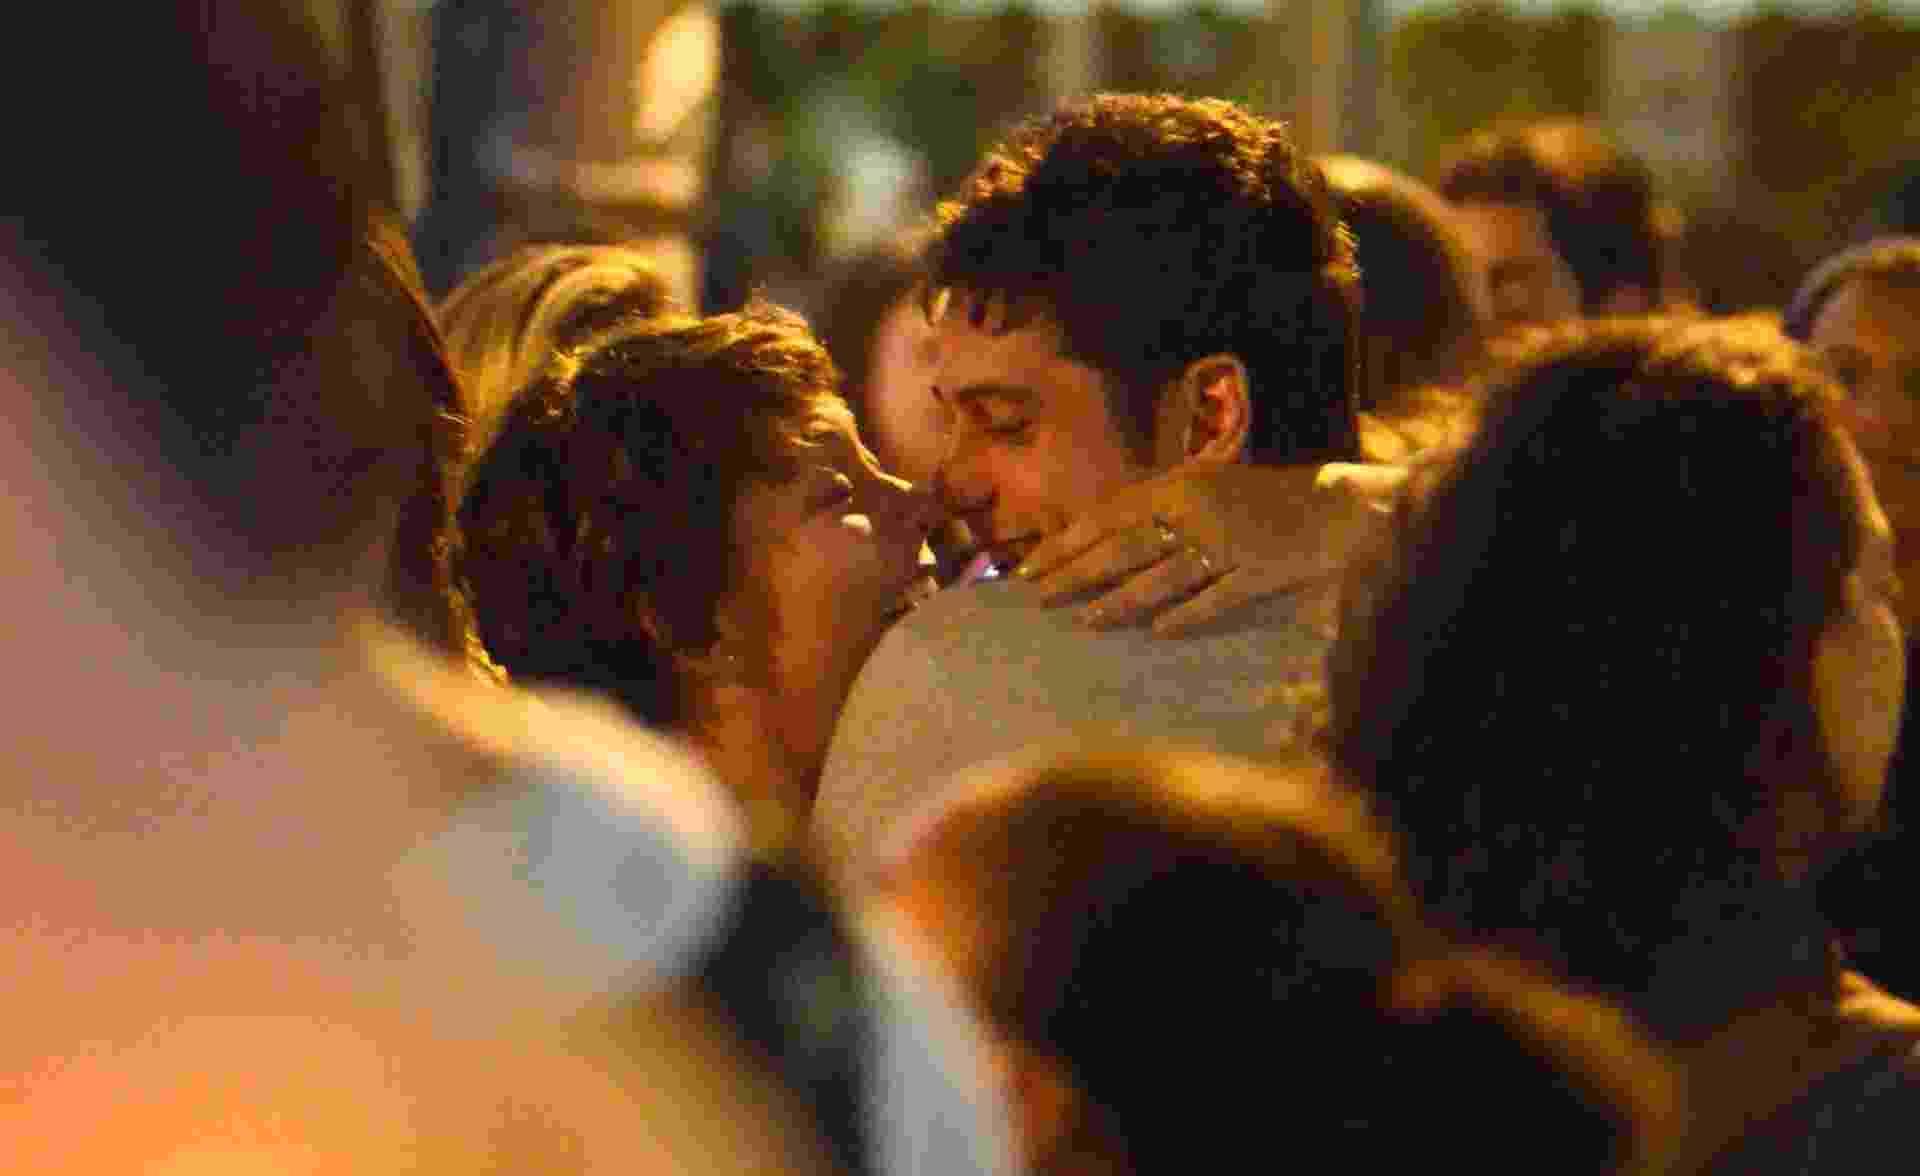 7.out.2016 - Marco Pigossi e Fabíula Nascimento são vistos aos beijos no Rio de Janeiro. Em clima de romance, os dois foram flagrados abraçando-se e divertindo-se durante a noitada desta quinta no Baixo Gávea - AgNews/AgNews